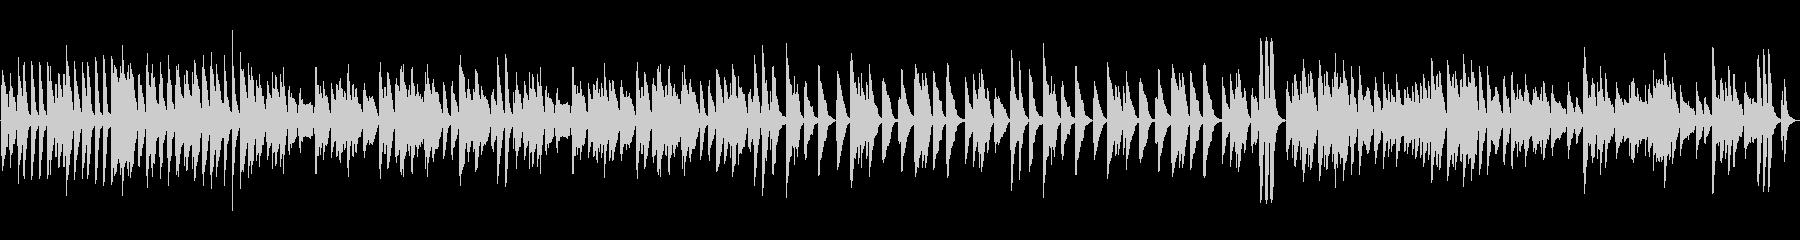 ピアノ 元気 明るい スキップ ループの未再生の波形